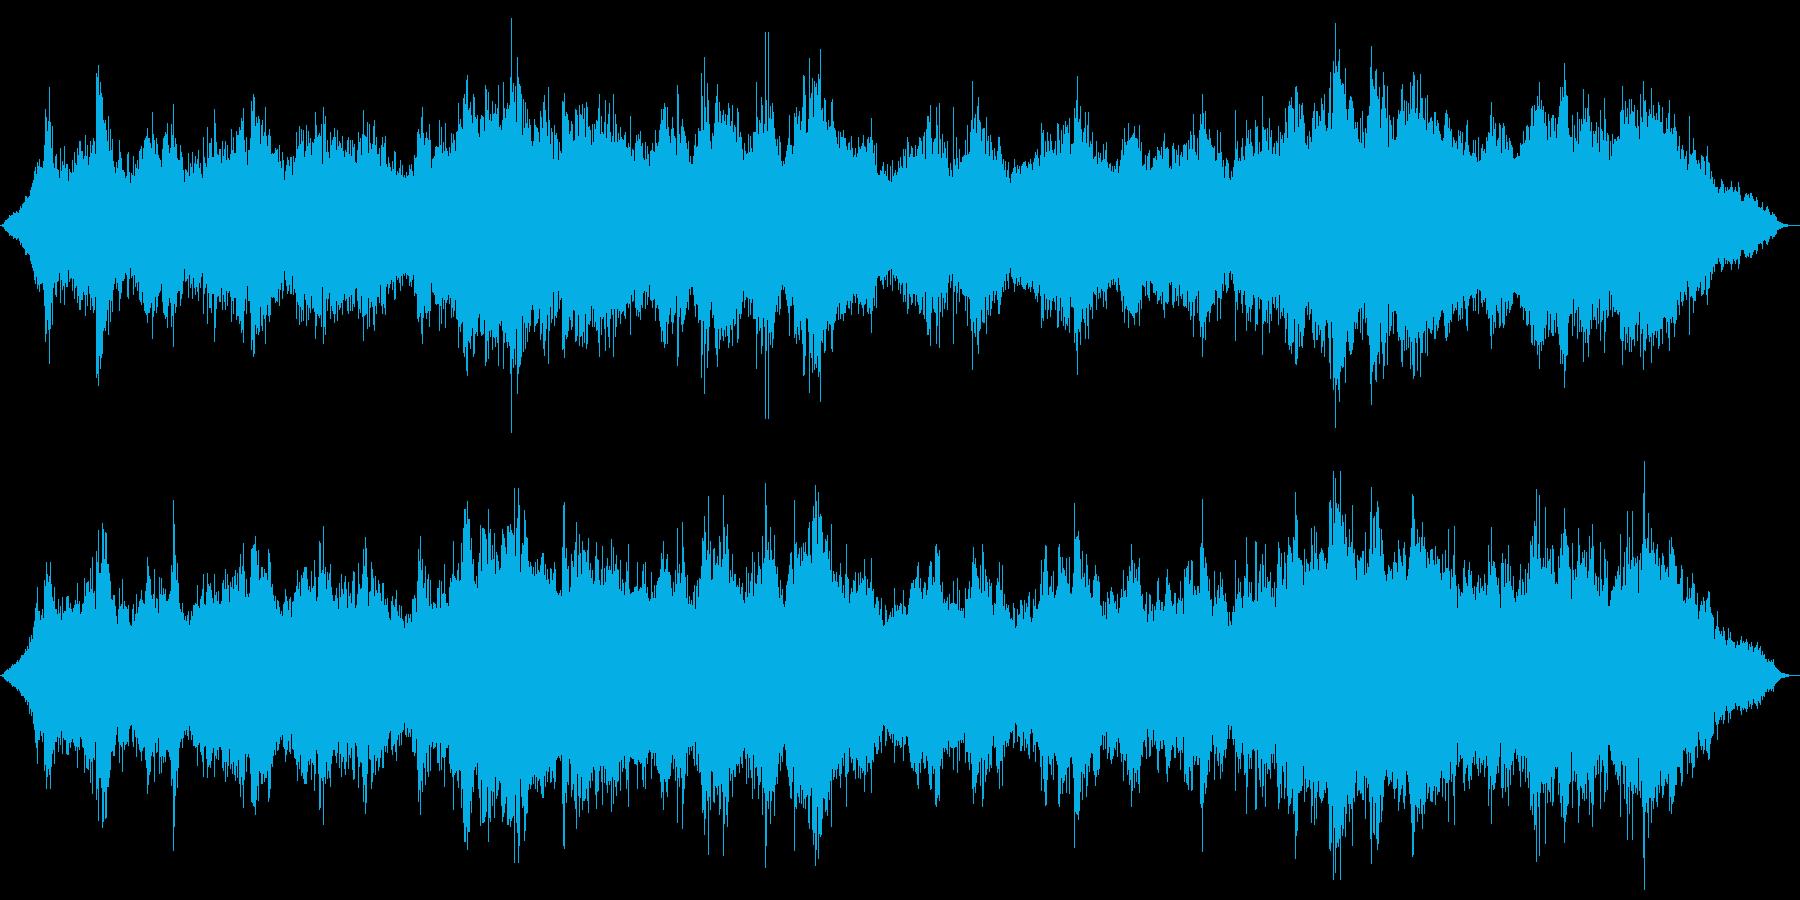 ピアノの幻想的なヒーリングサウンドの再生済みの波形